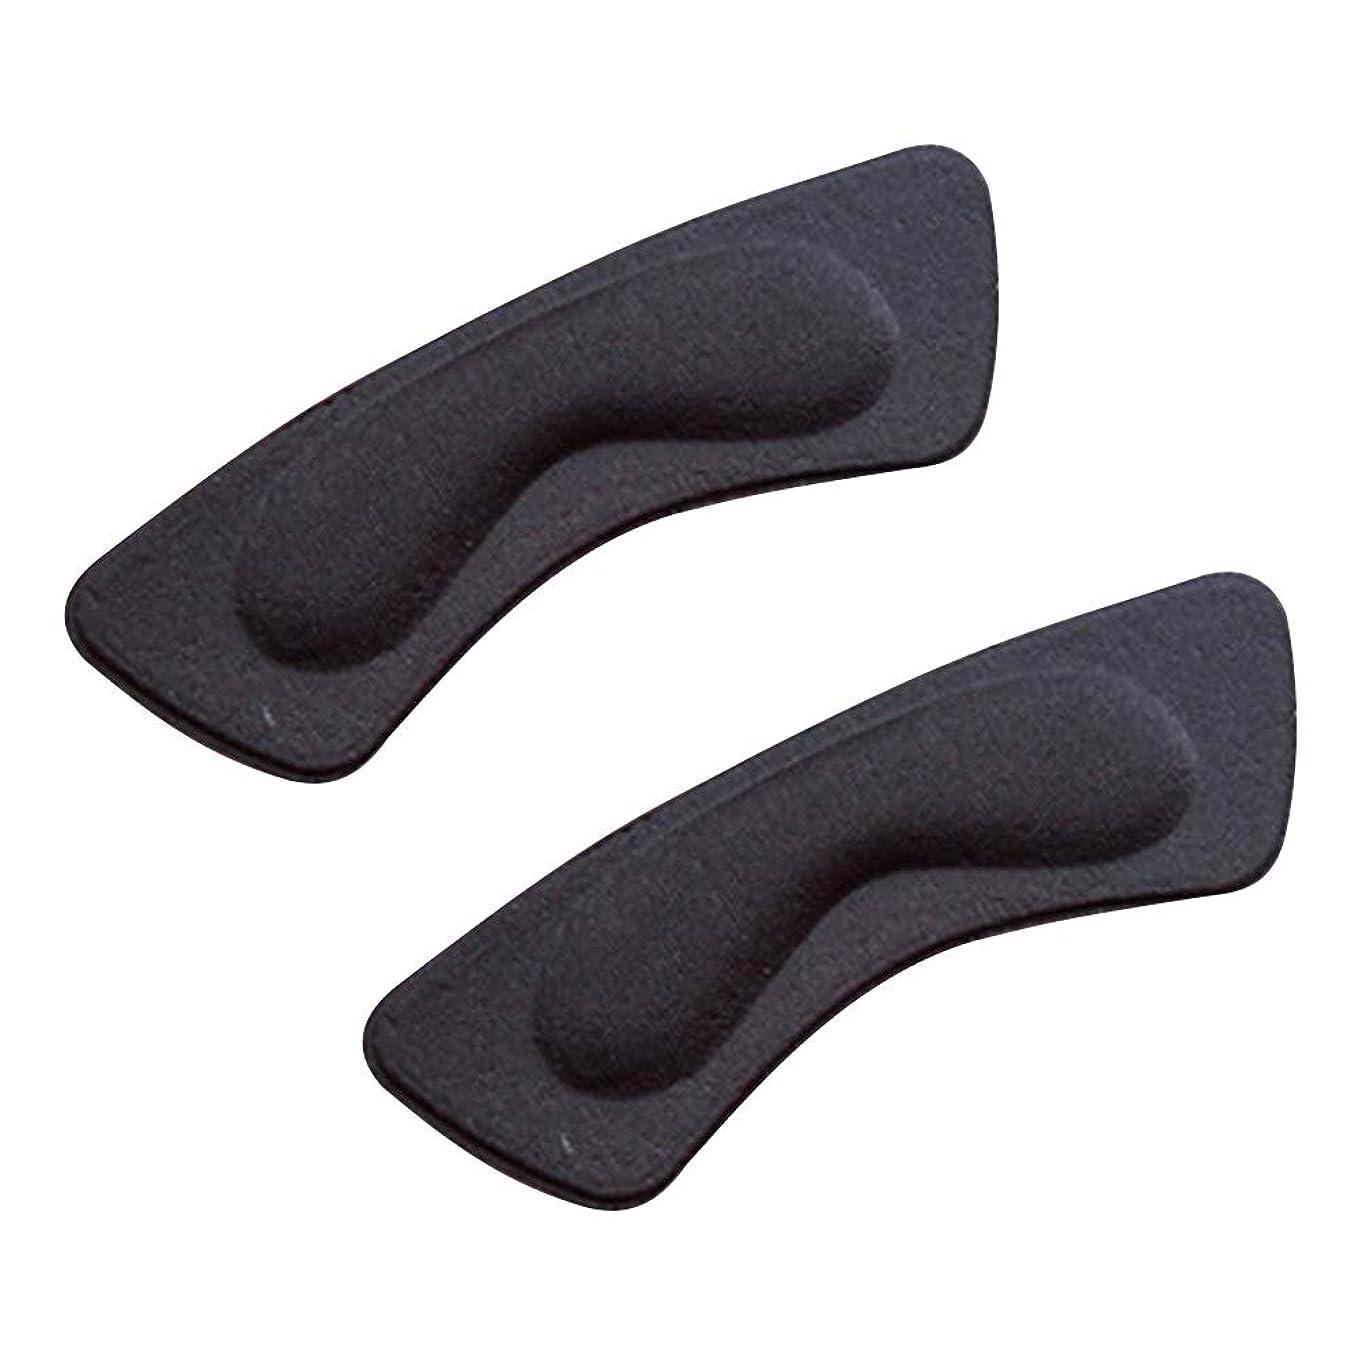 なんでもオークション心理的にkiirou 靴擦れ防止パッド パカパカ防止 かかと テープ 2足 かと パッド クッション インソール 滑り止め かかとパッド 男女兼用 ハイヒール 革靴 スニーカー サイズ調整 (2層黒)